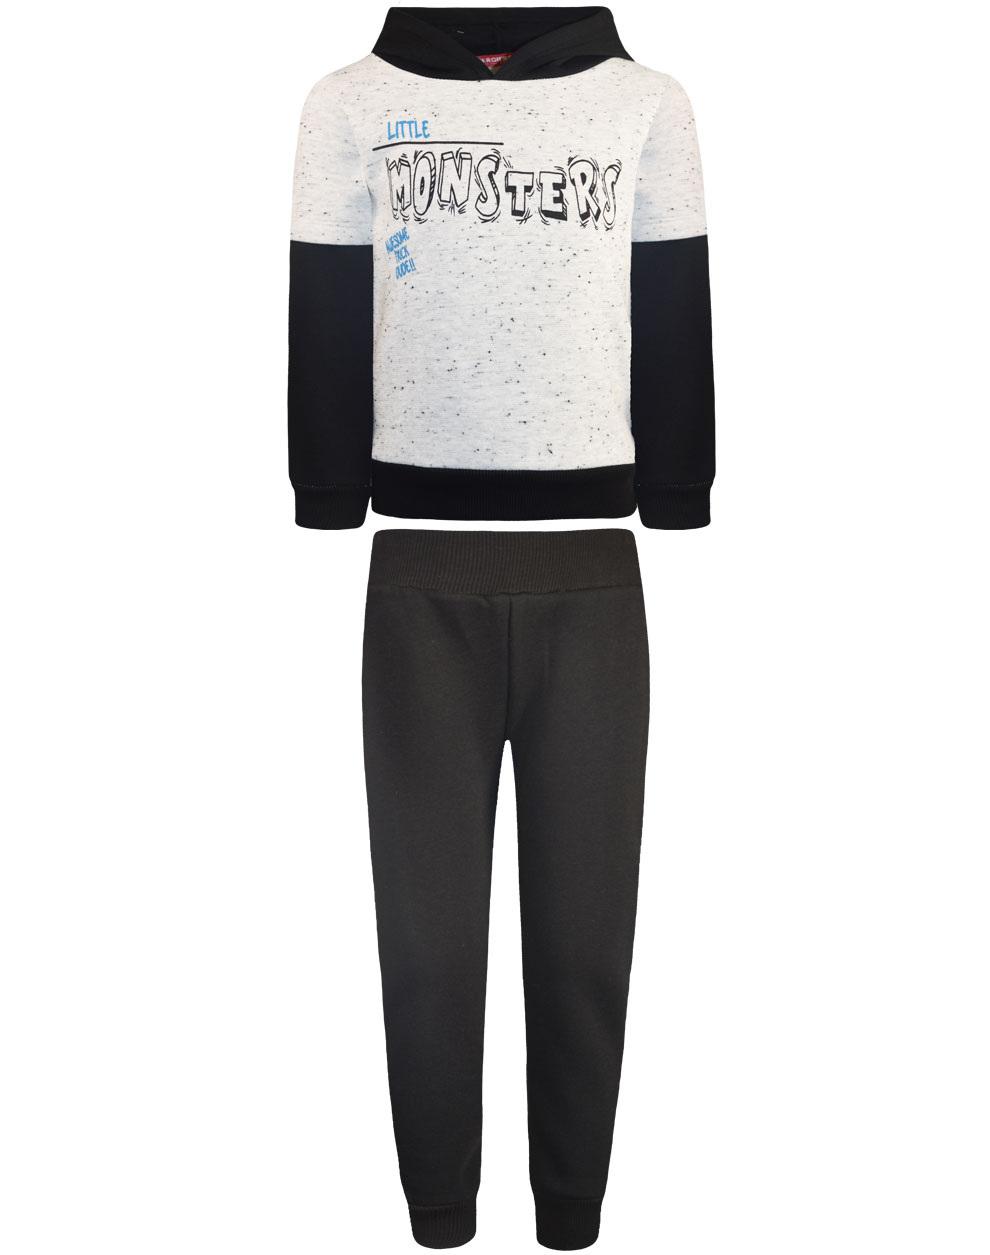 Φόρμα παντελόνι και μπλούζα με κουκούλα και τύπωμα> 12-120110-0 - Μαύρο - 18720-10/12/1/109